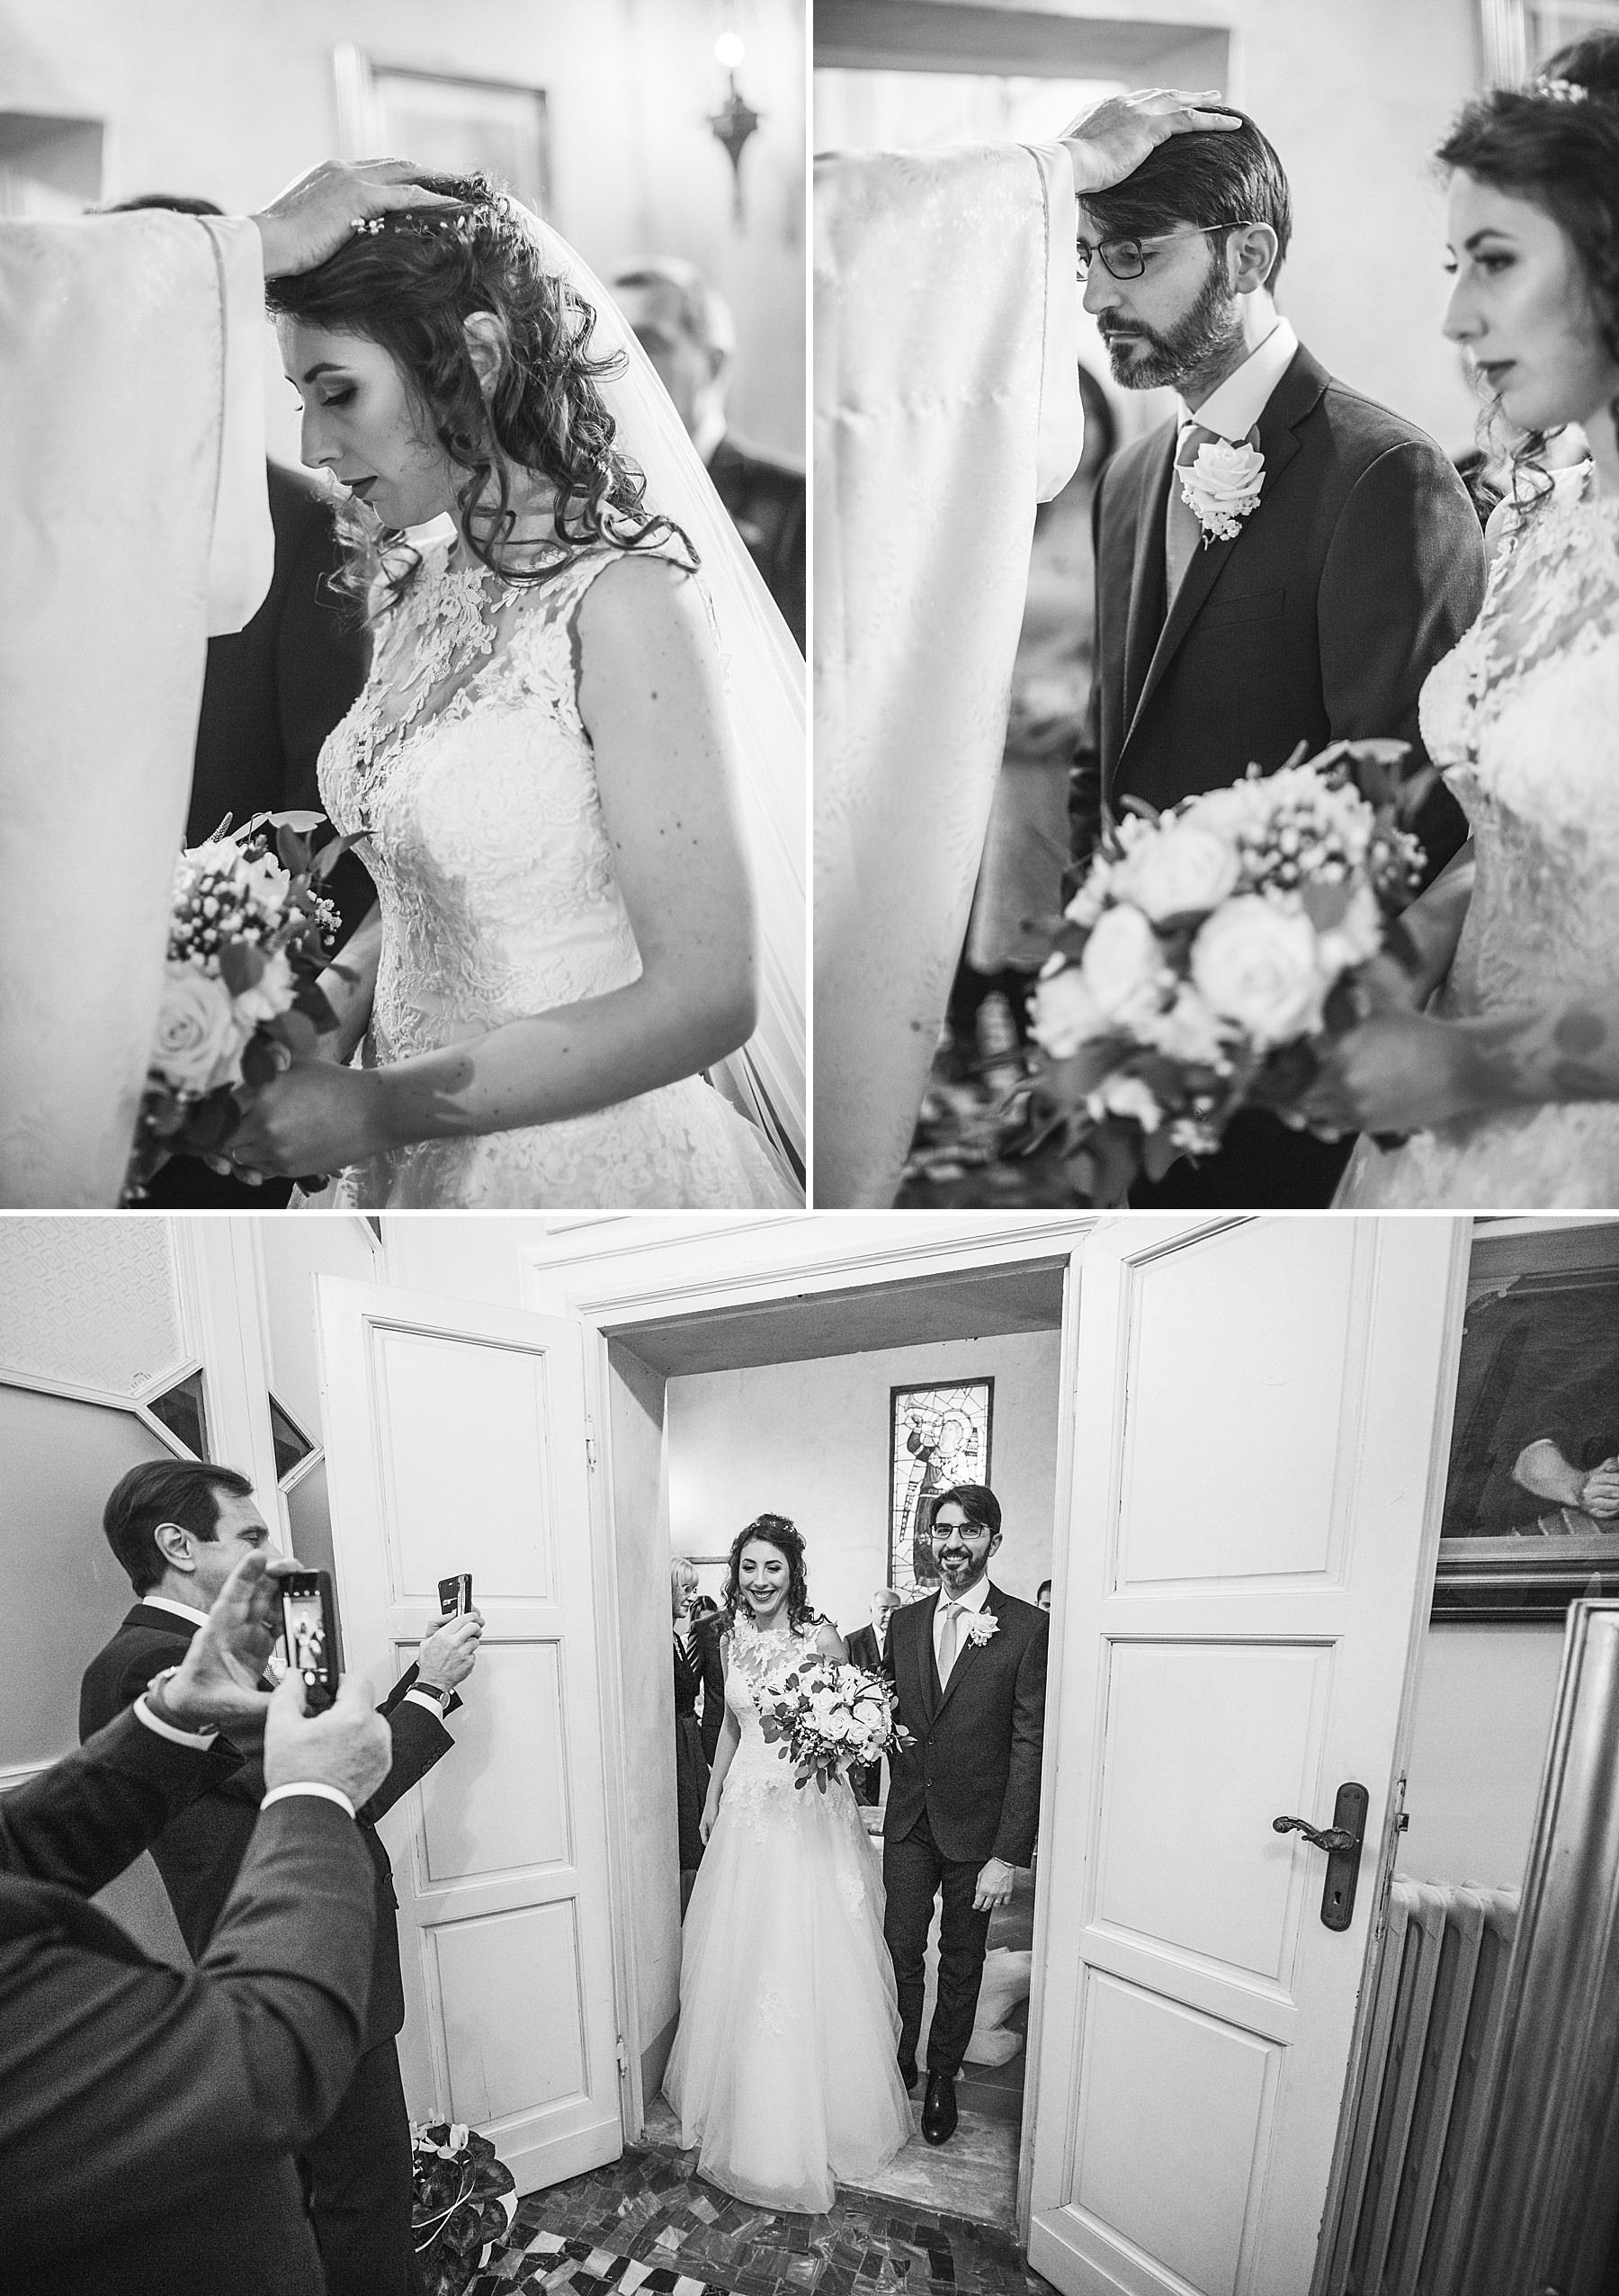 fotografia-di-matrimonio-a-firenze-in-inverno-744.JPG